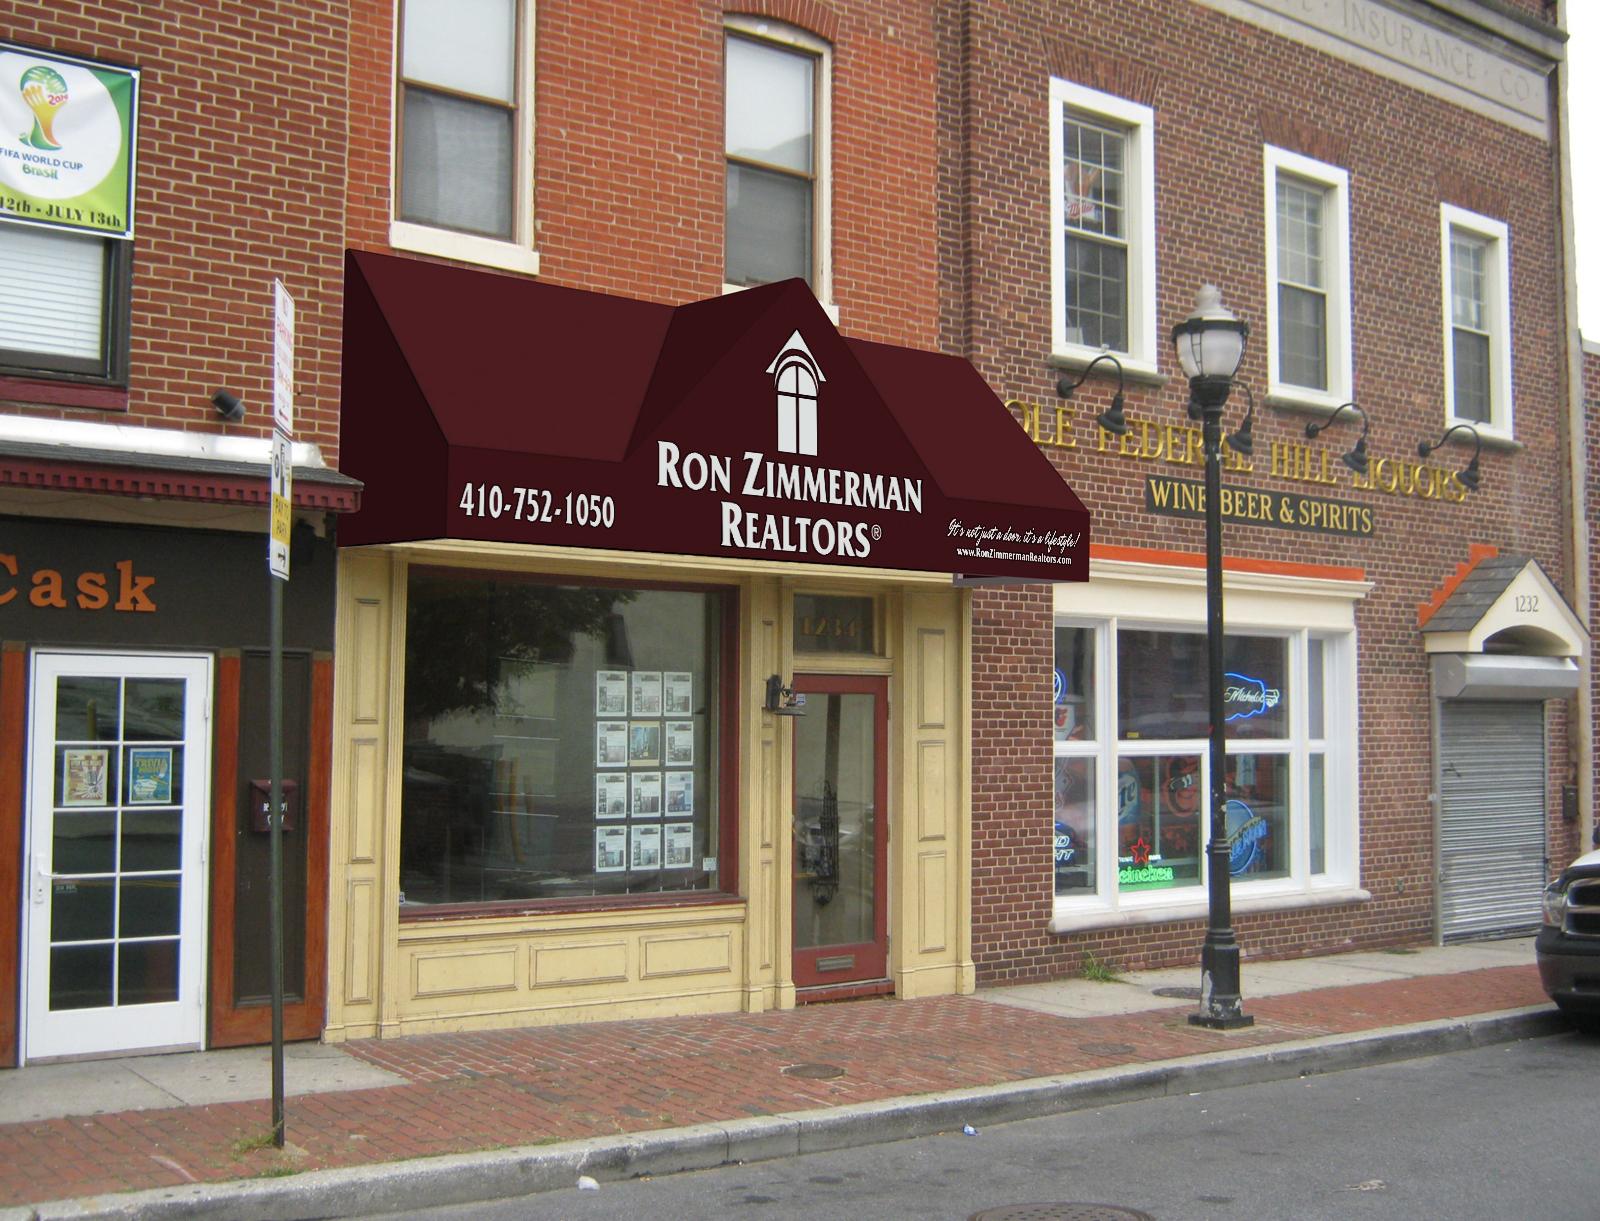 Ron Zimmerman Awning Rendering